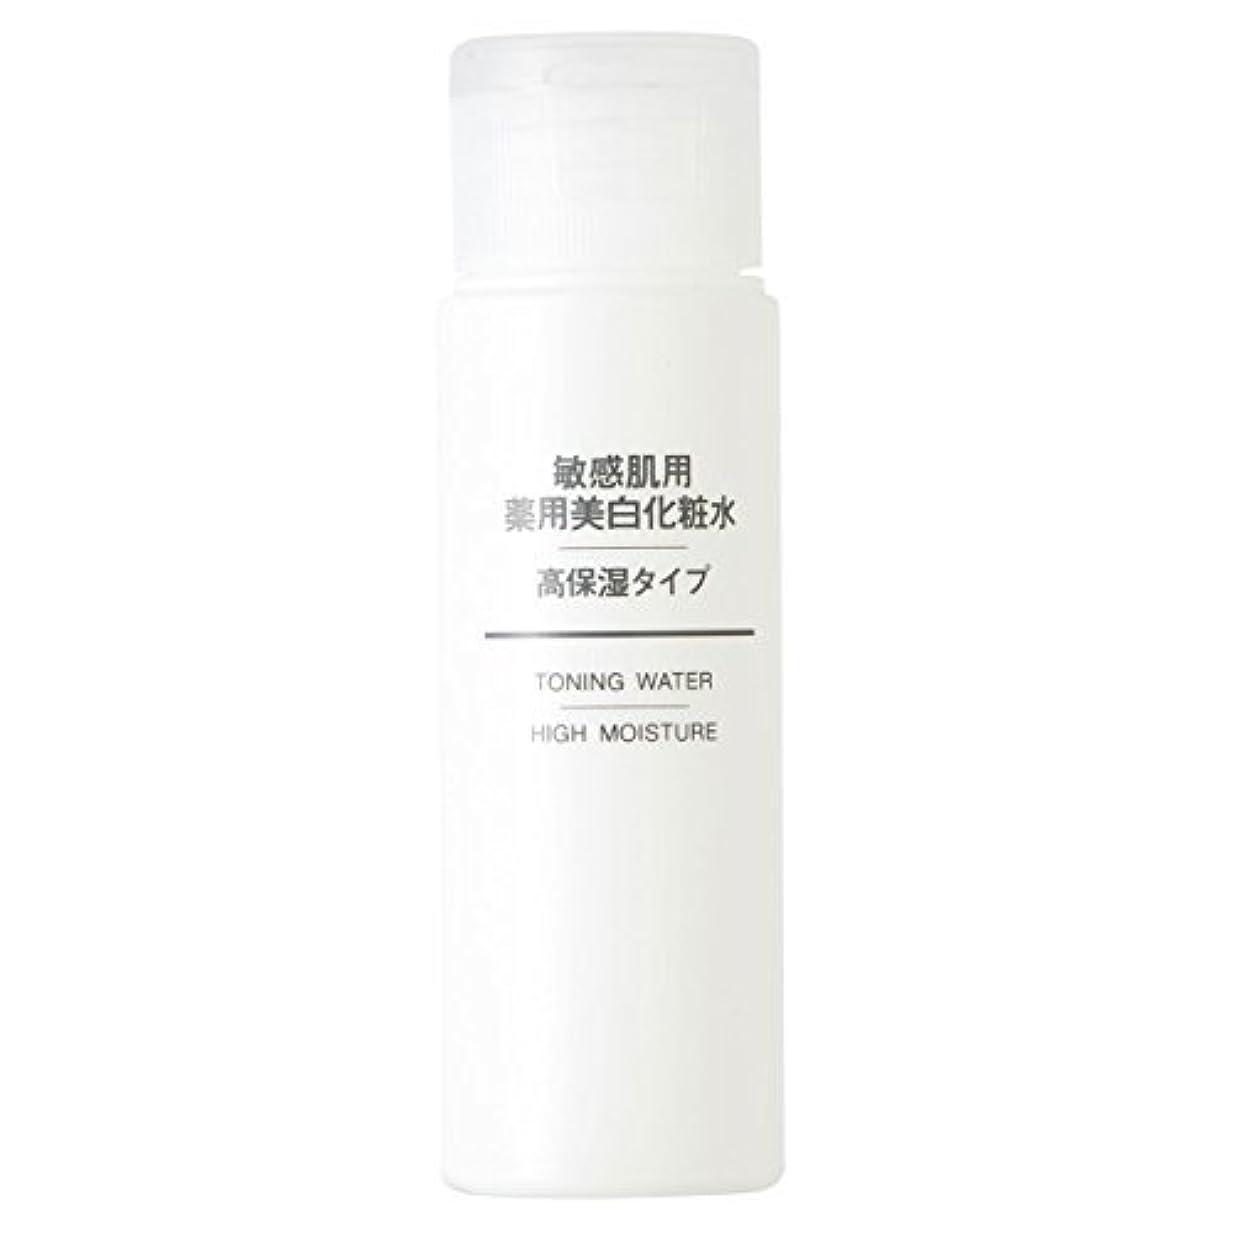 グローブはい幻滅する無印良品 敏感肌用 薬用美白化粧水 高保湿タイプ(携帯用) (新)50ml